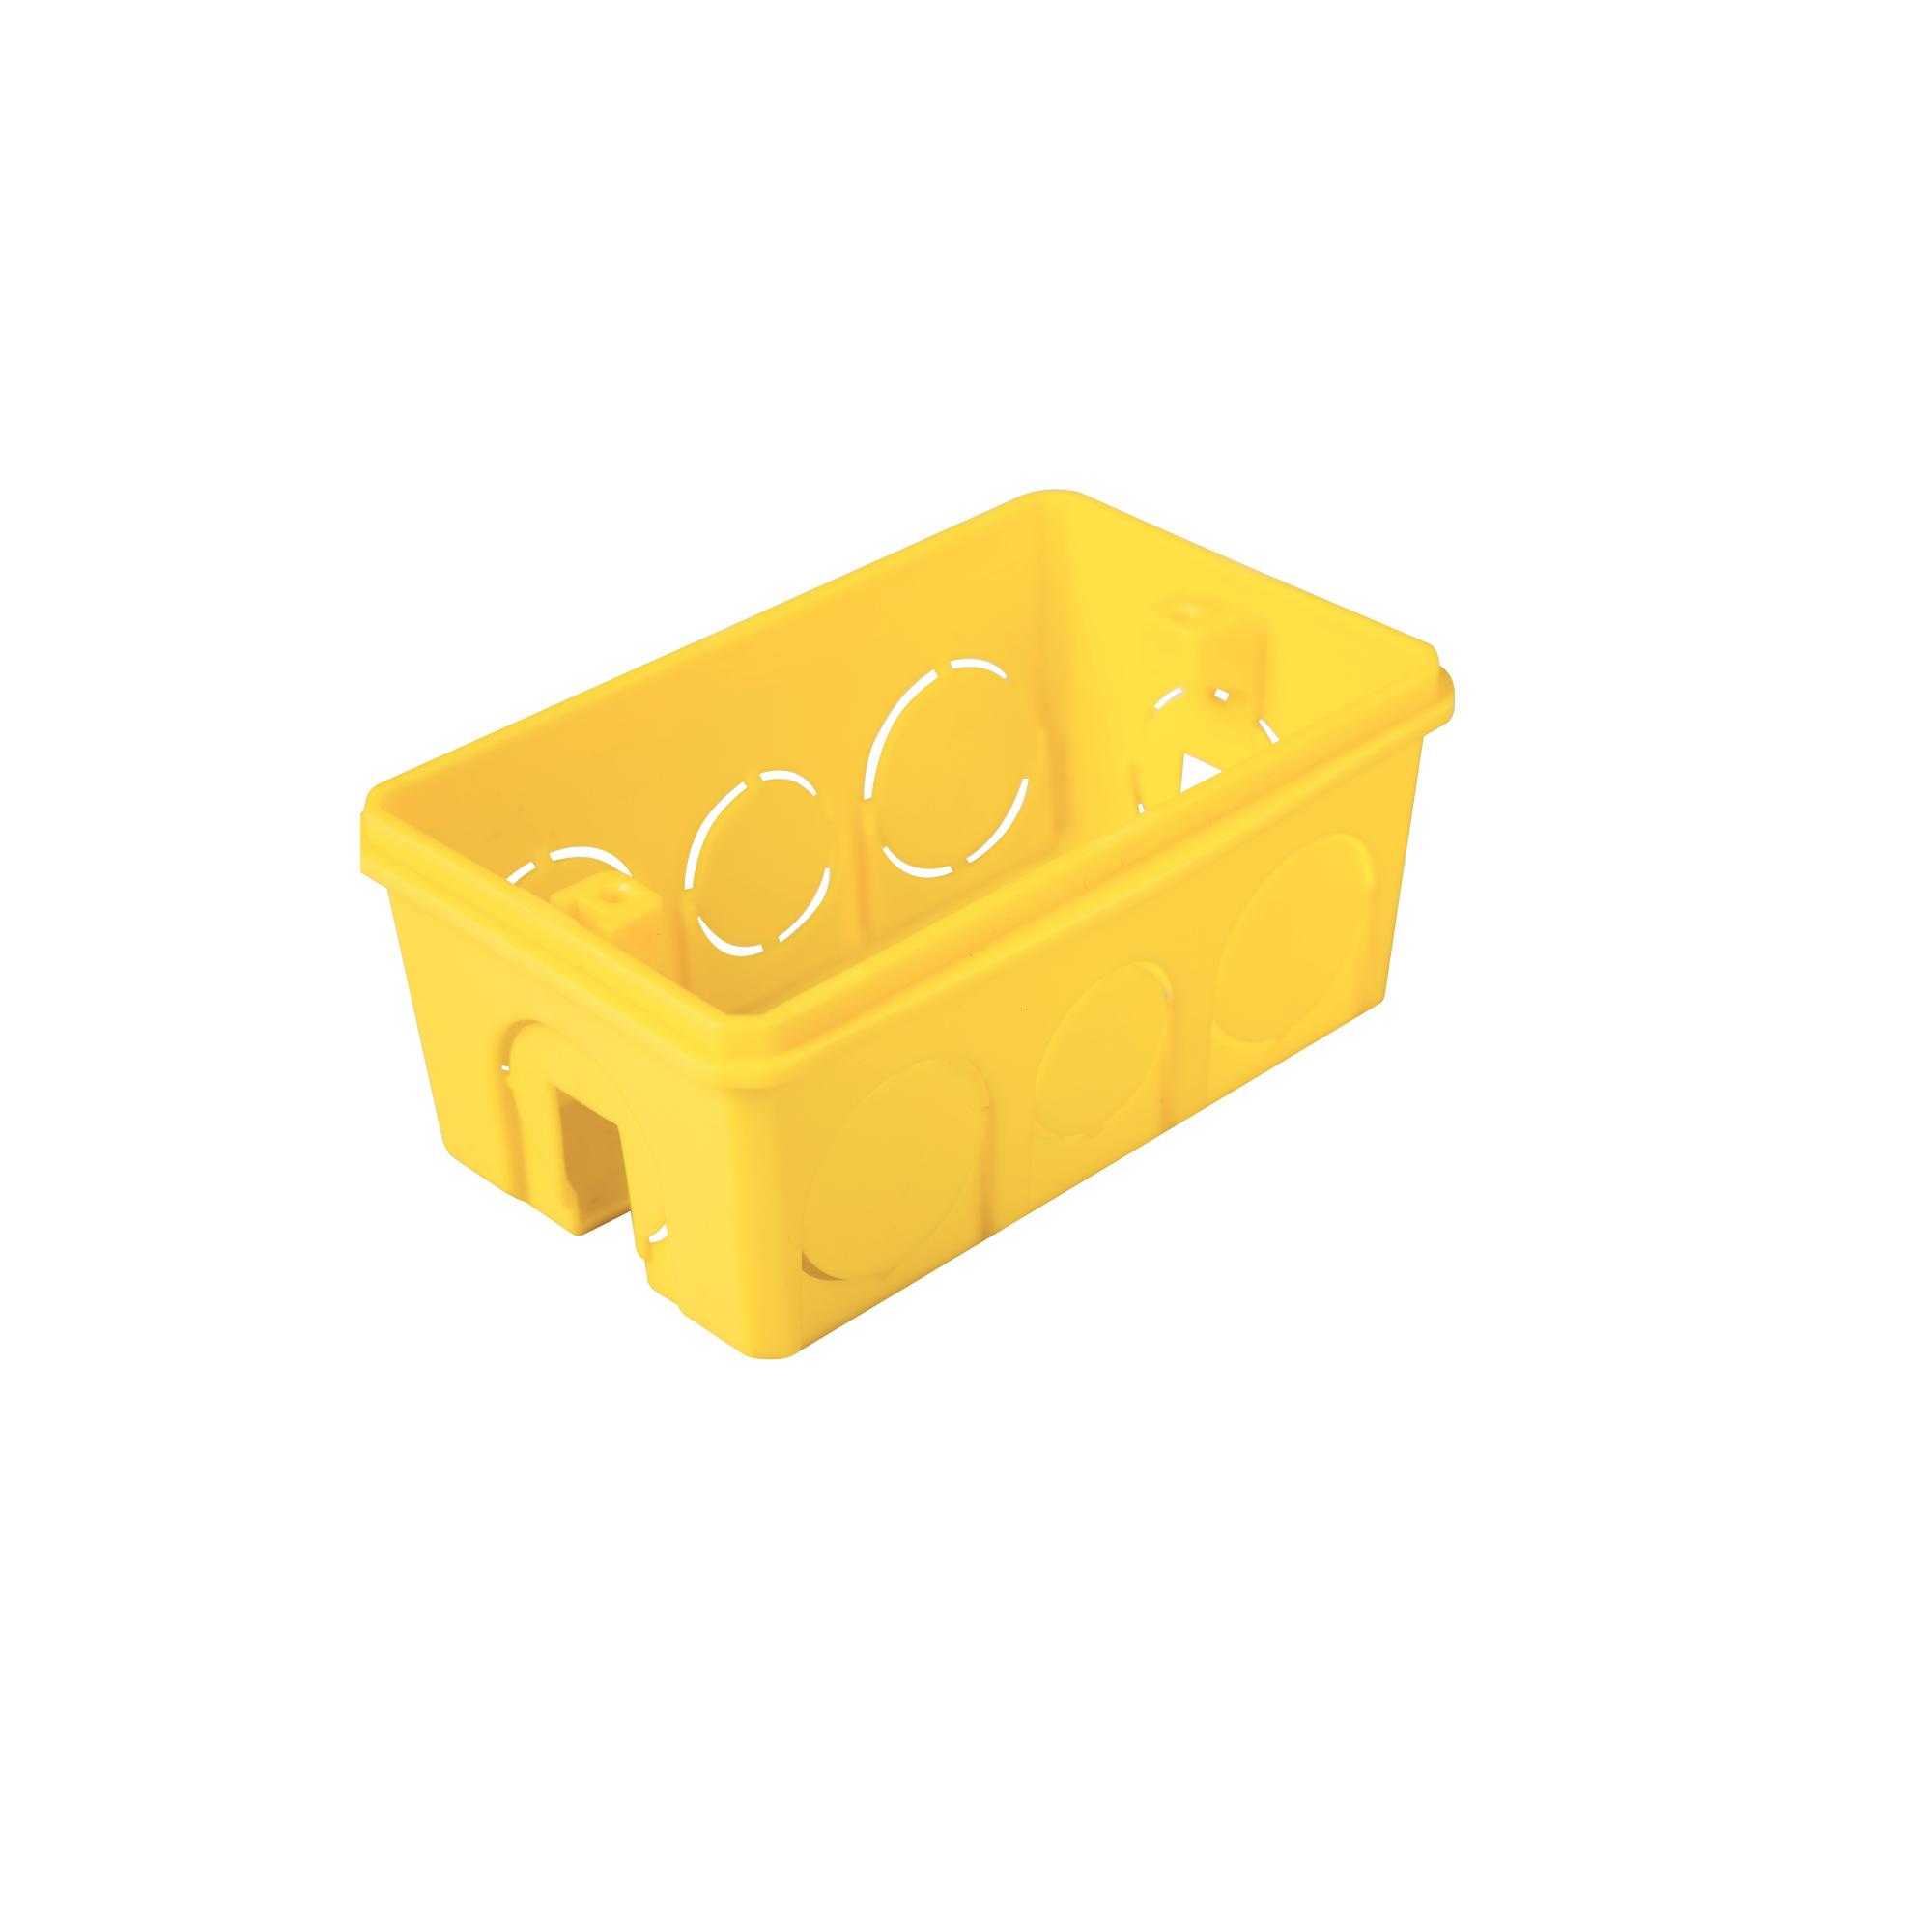 Caixa Eletrica de Plastico 4x2 Amarela 57500041 - Tramontina